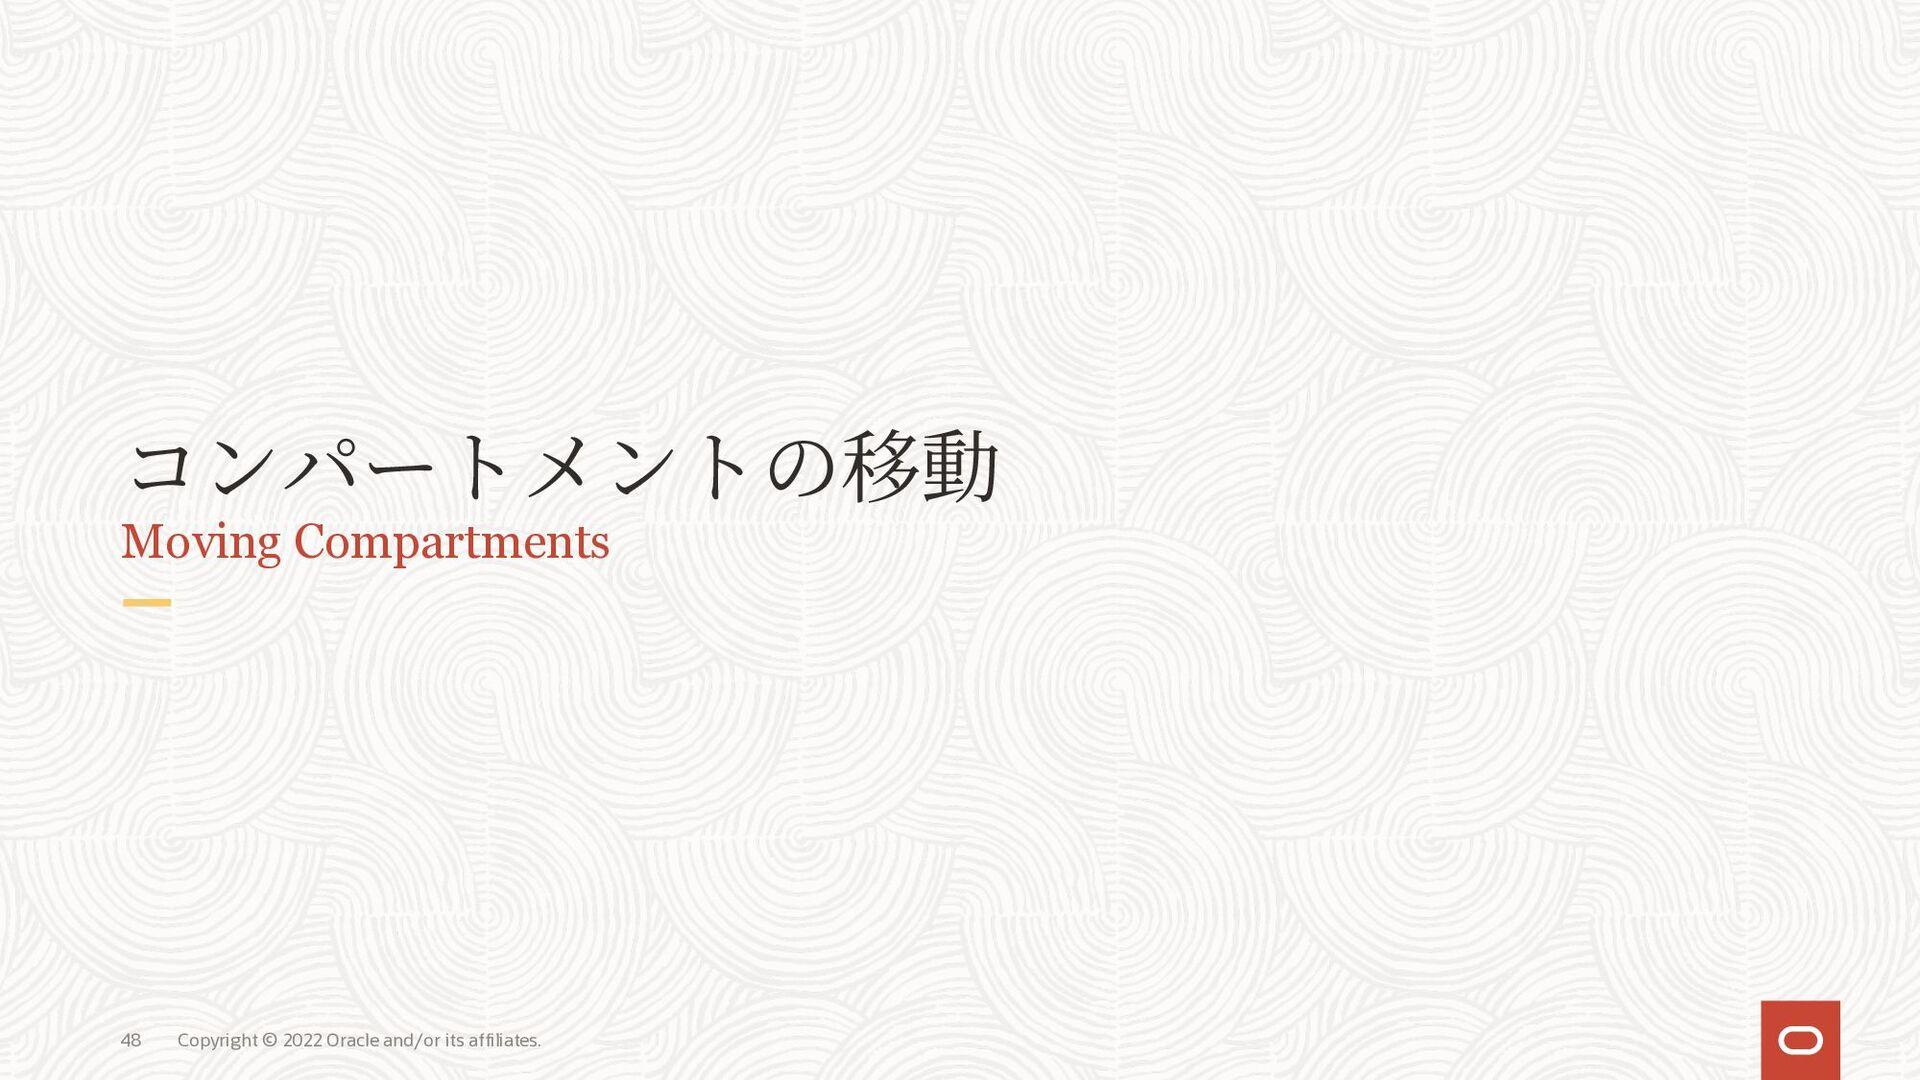 ポリシーが移動対象のコンパートメントを直接指定せず、上の階層を指定している場合は、コンパート ...